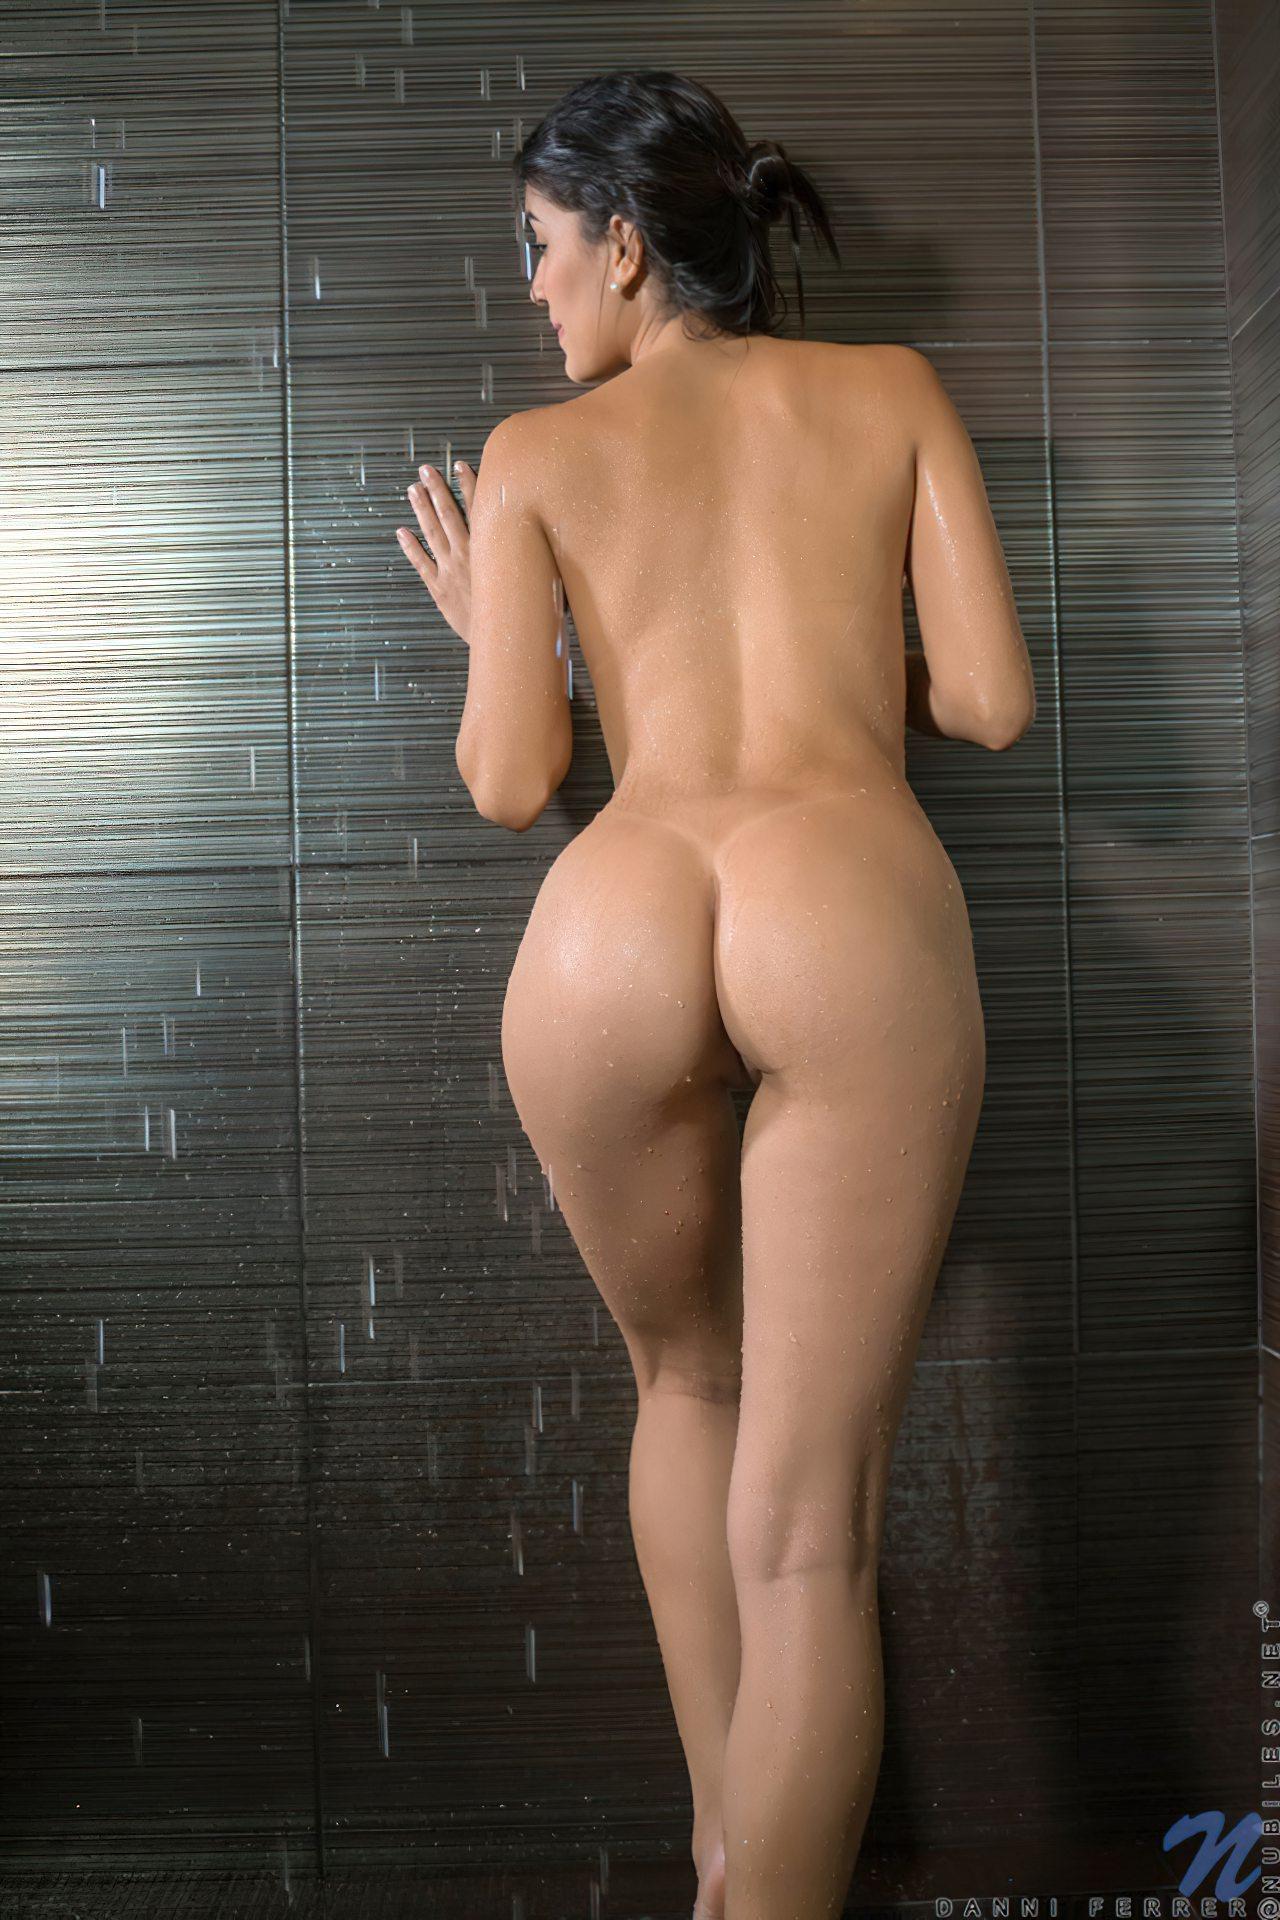 Mulher Linda Tomando Banho (10)